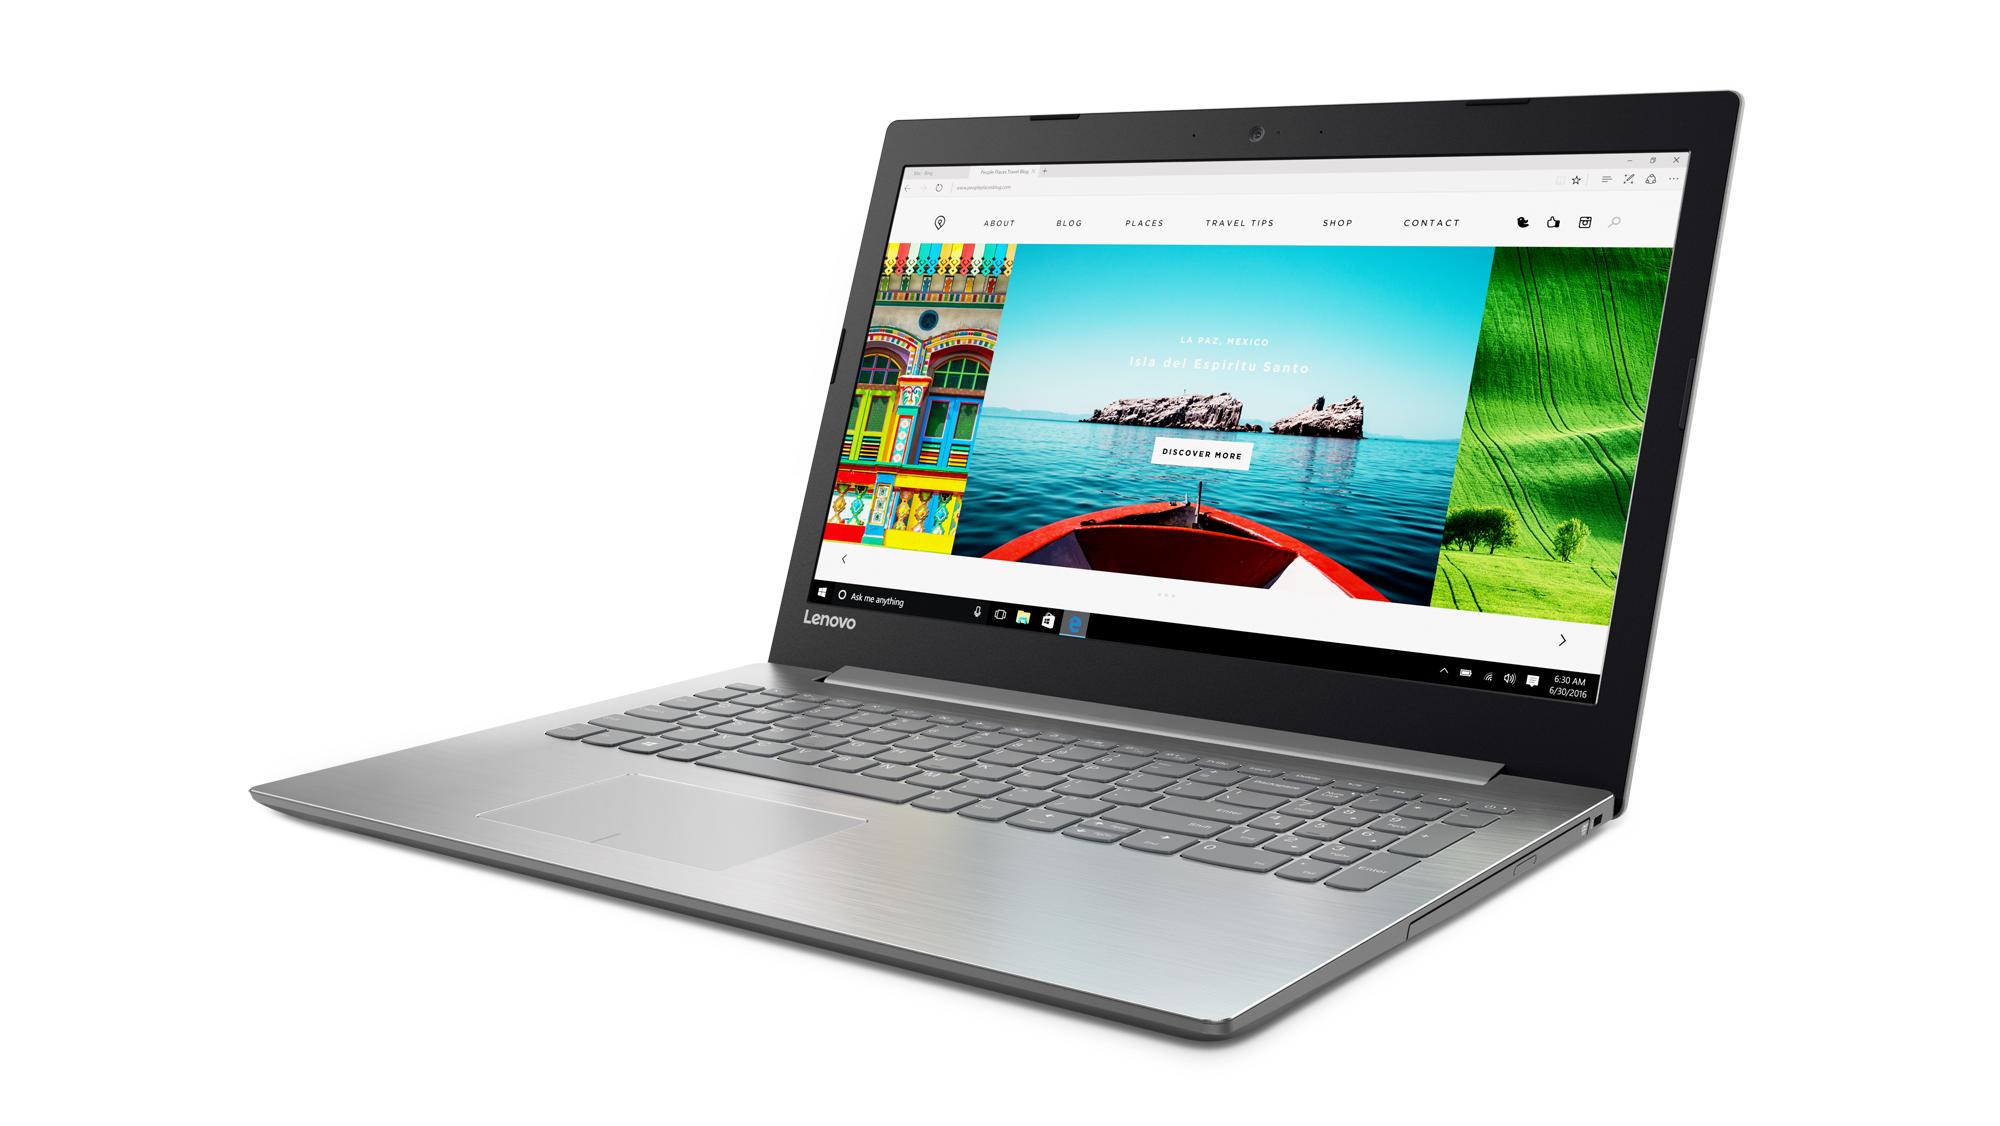 """Lenovo IdeaPad 320-15IKBN i5-7200U 3,10GHz/4GB/SSD 256GB/15,6"""" FHD/AG/WIN10 šedá 80XL0073CK"""